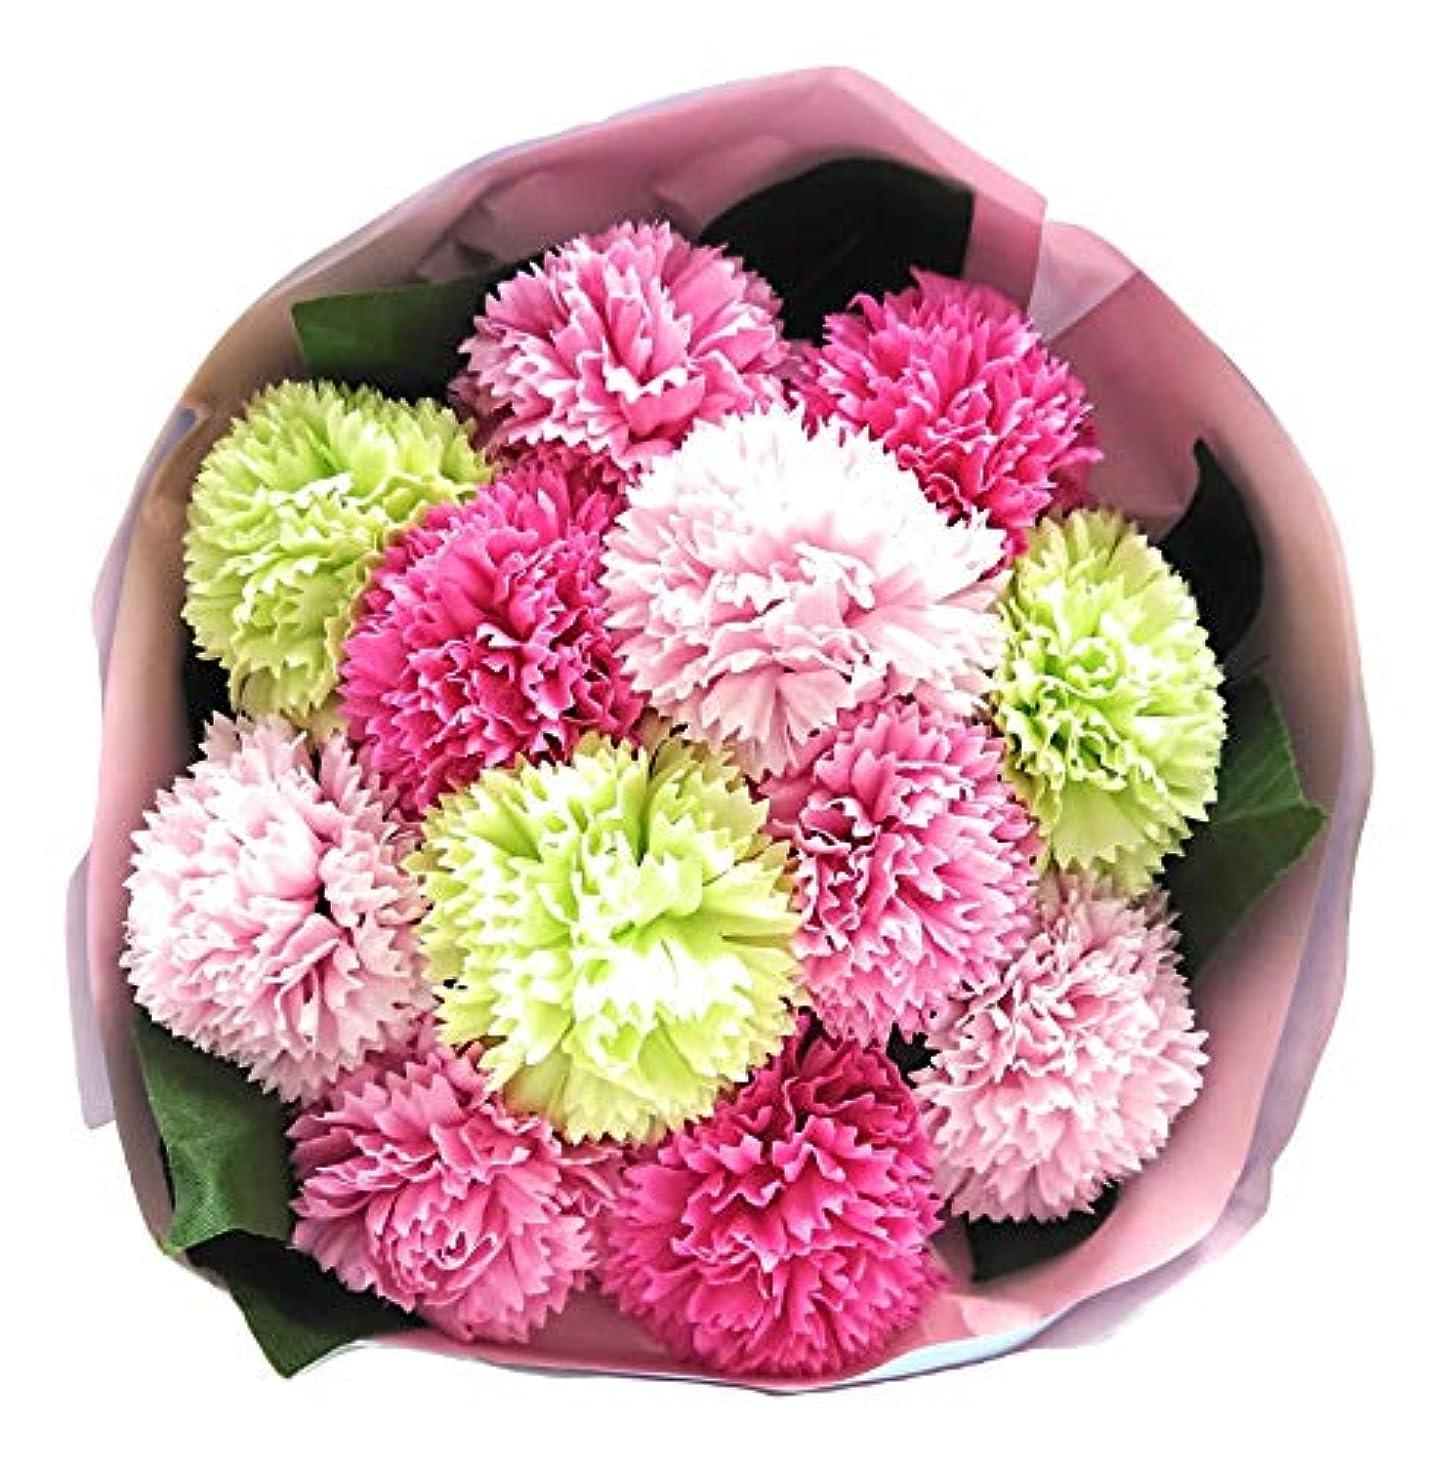 征服する生き残りますピンチバスフレグランス バスフラワー カーネーションブーケ 母の日 ギフト お花の形の入浴剤 (PINK MIX)